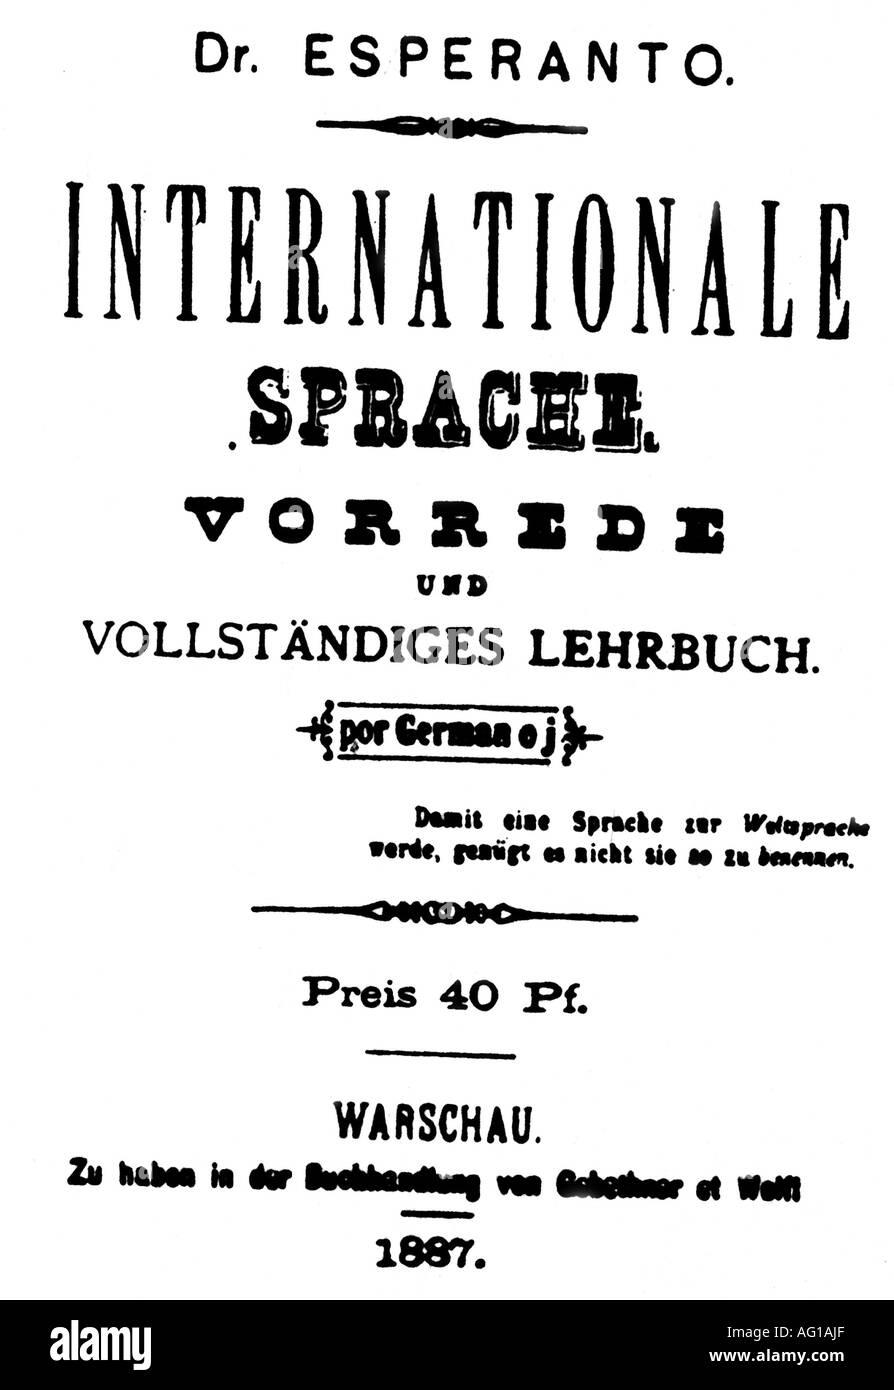 """Zahmenhof, Ludwig Lejzer, 15.12.1859 - 14.4.1917, oculista polacco, iniziatore di Esperanto, titolo del libro """"Internationale Sprache', pseudonimo Dr. Esperanto, 1887, Additional-Rights-giochi-NA Immagini Stock"""